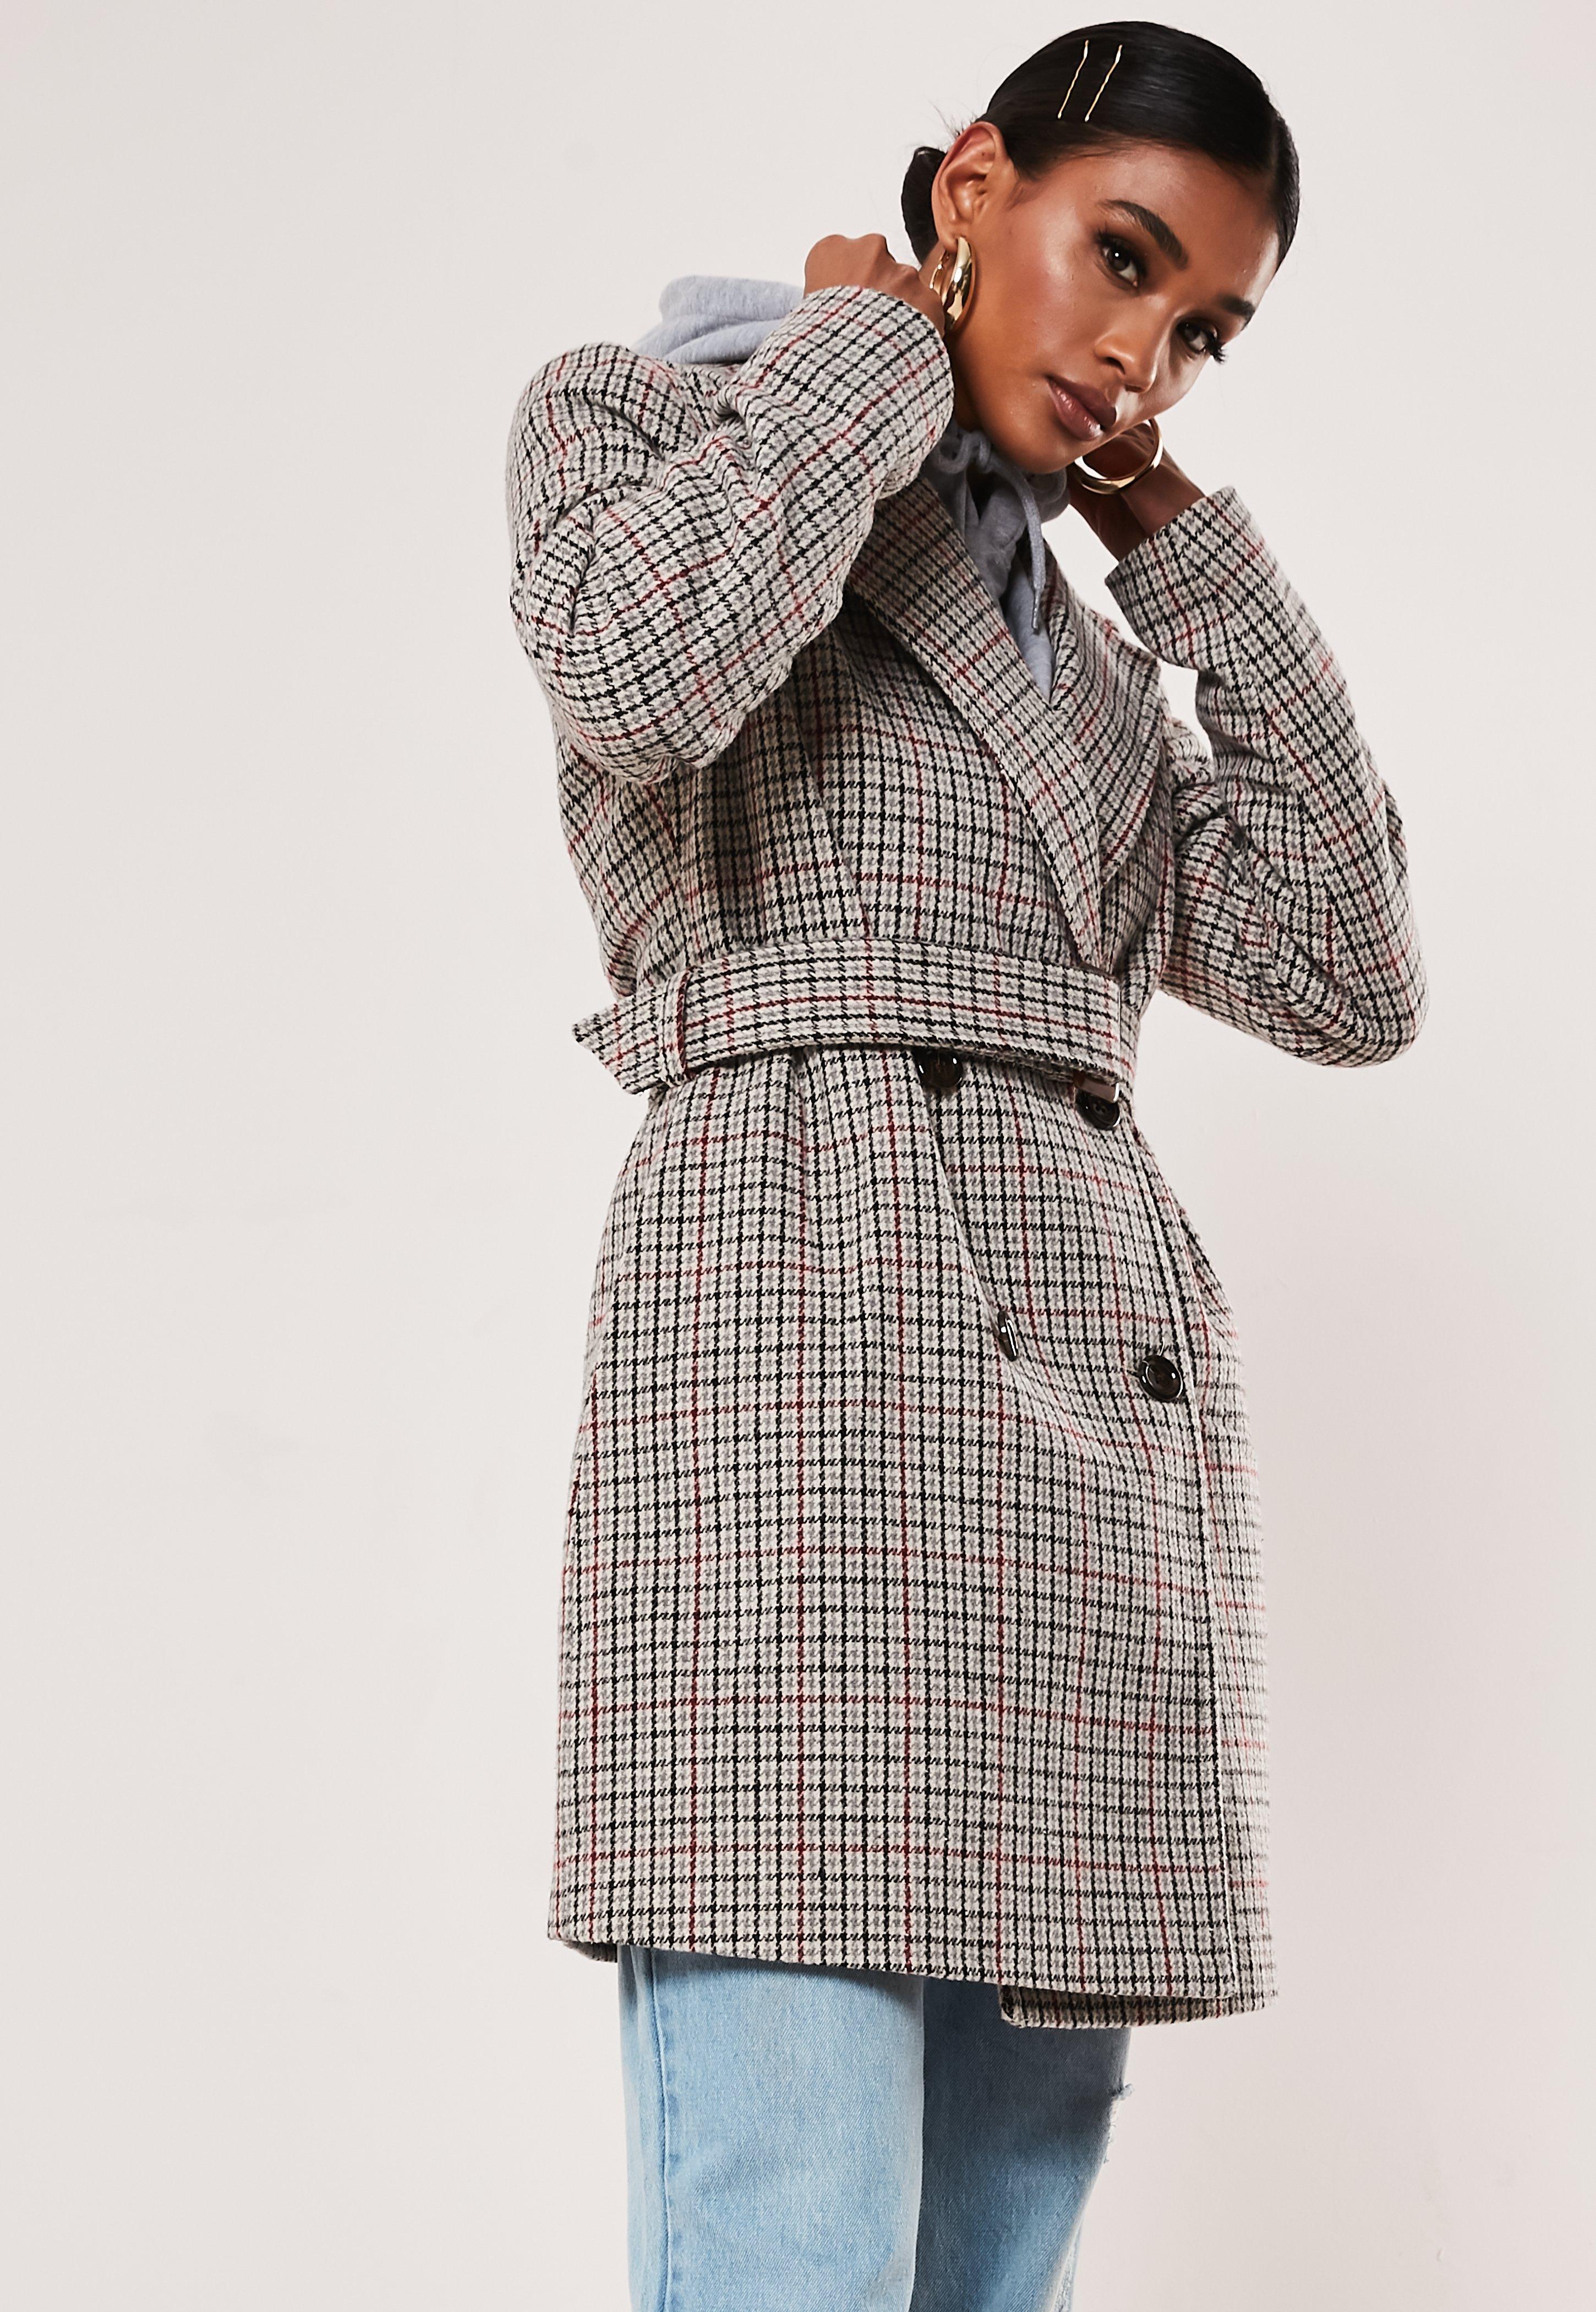 mit Gürtel aus Grau in Mantel Zweireihigerkarierter Wollmischung Petite ZXOTPiku